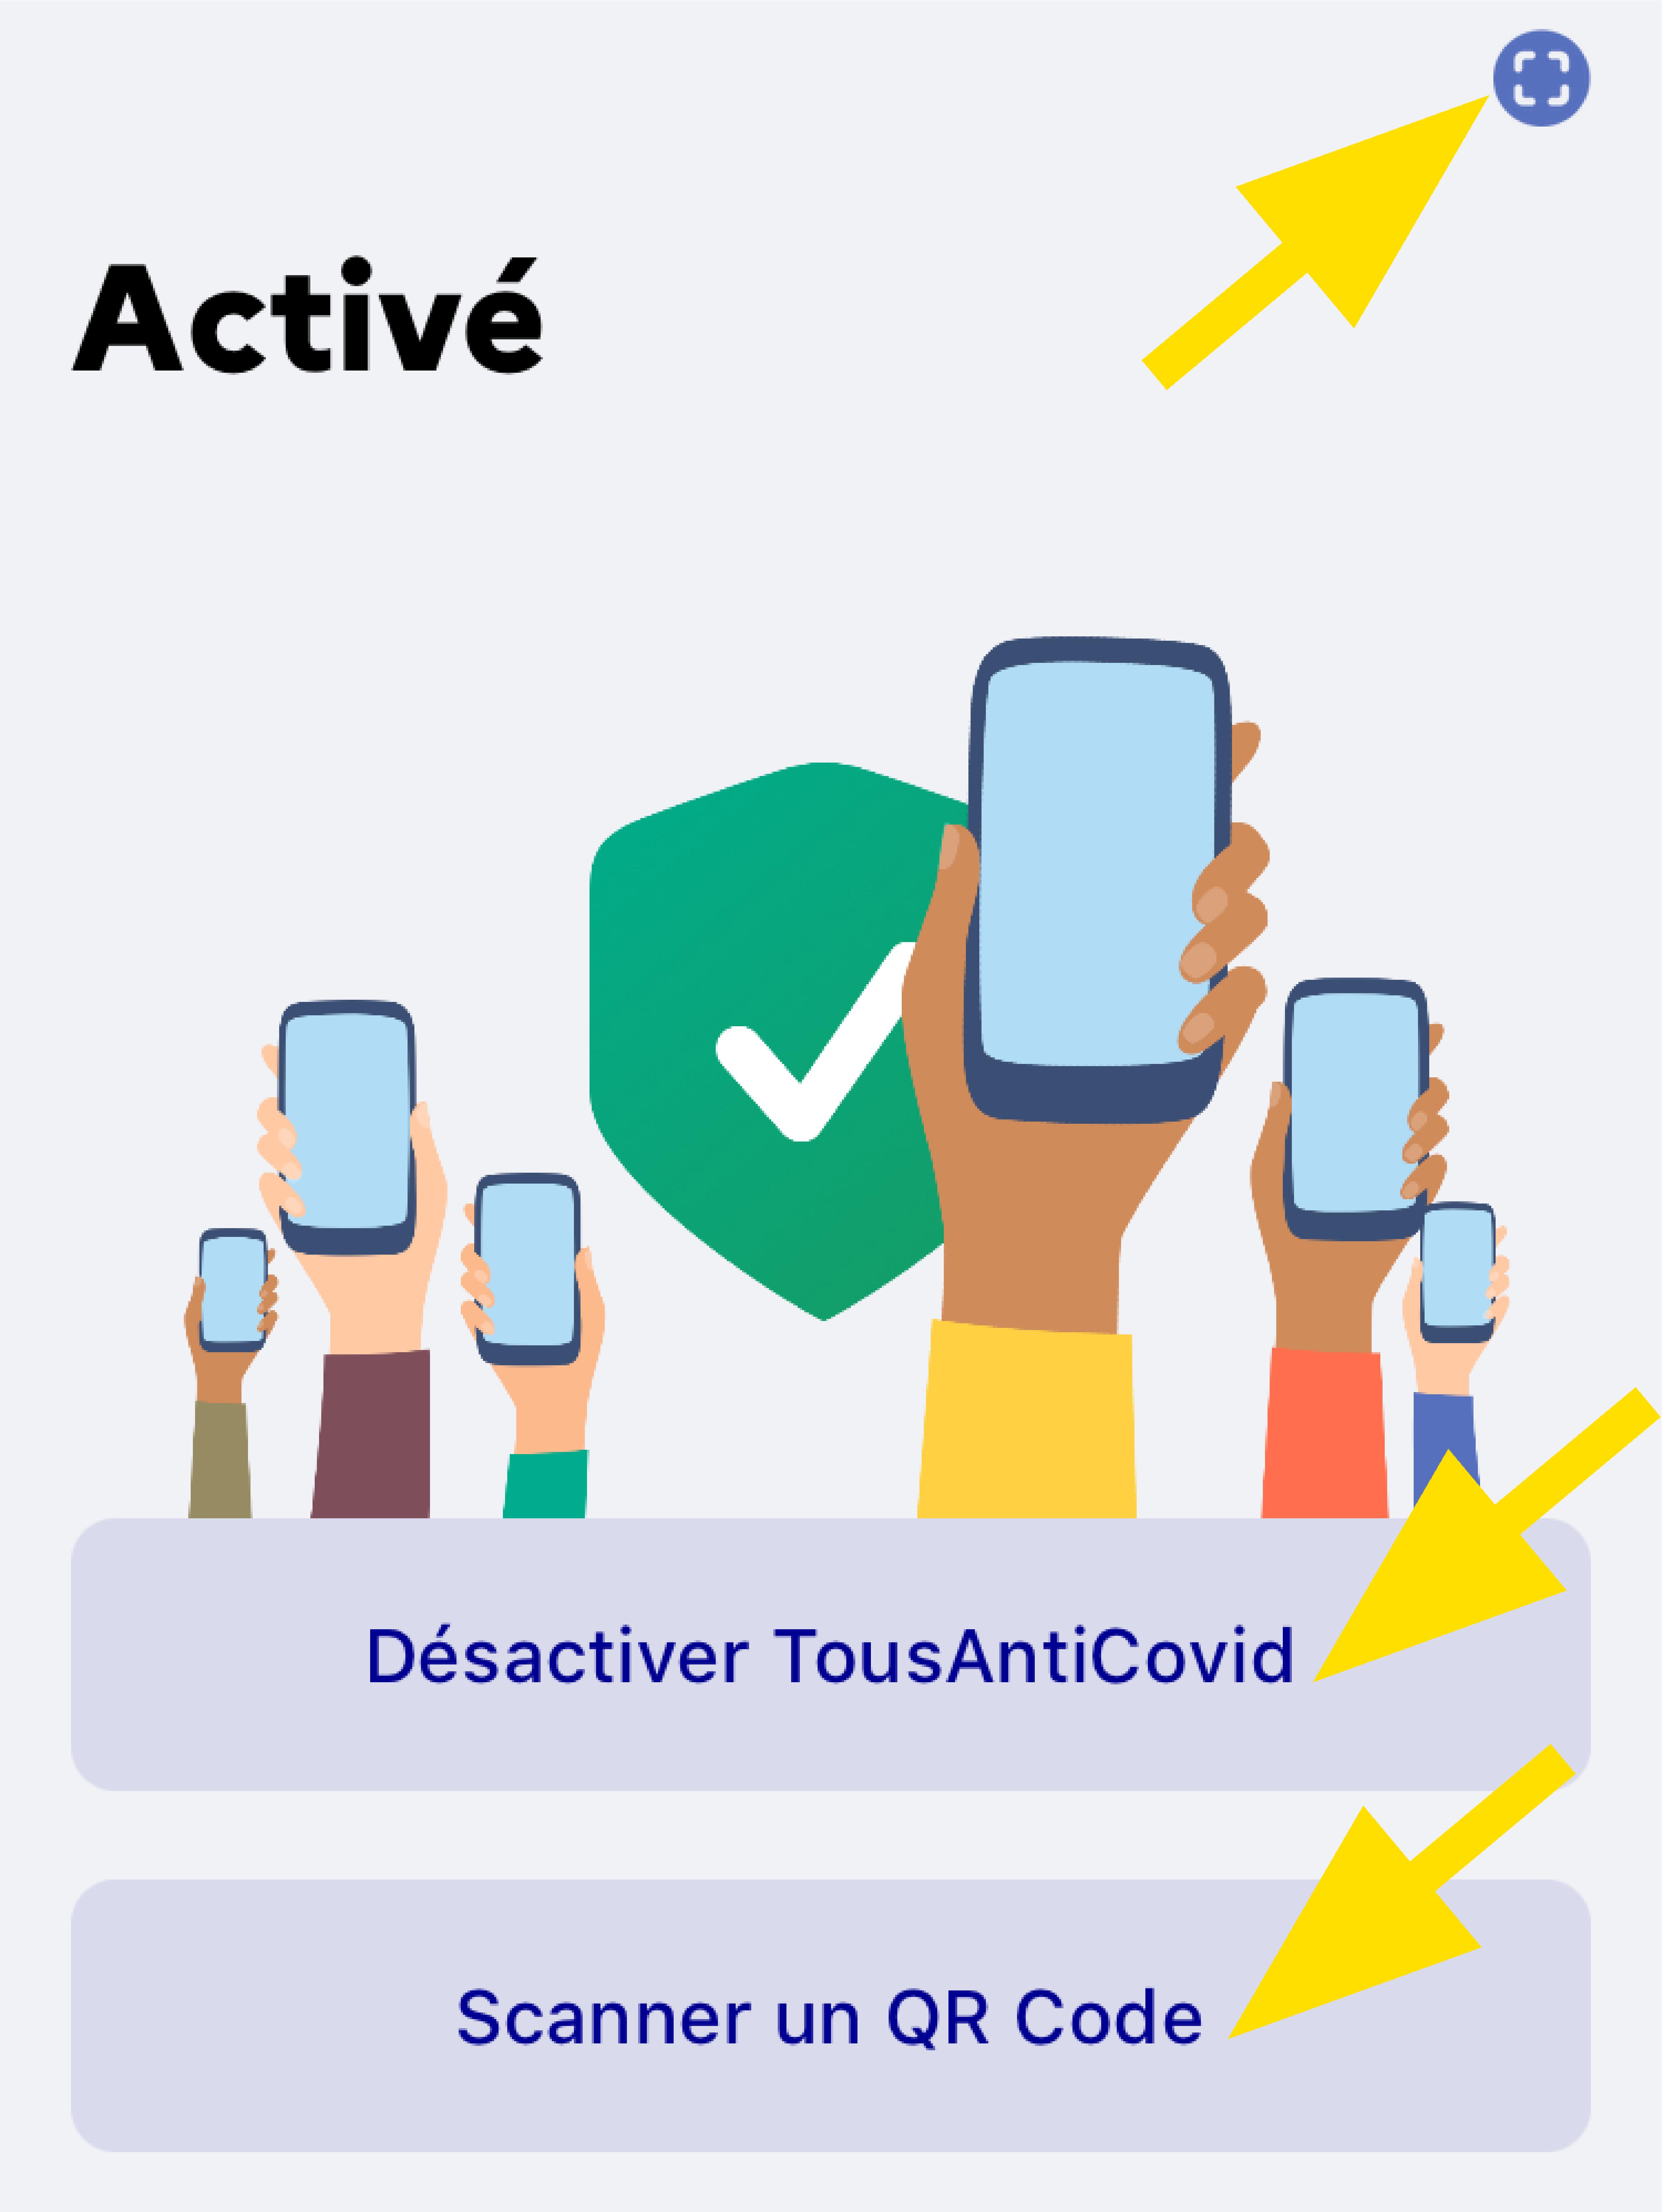 Rubrique activé TousAntiCovid